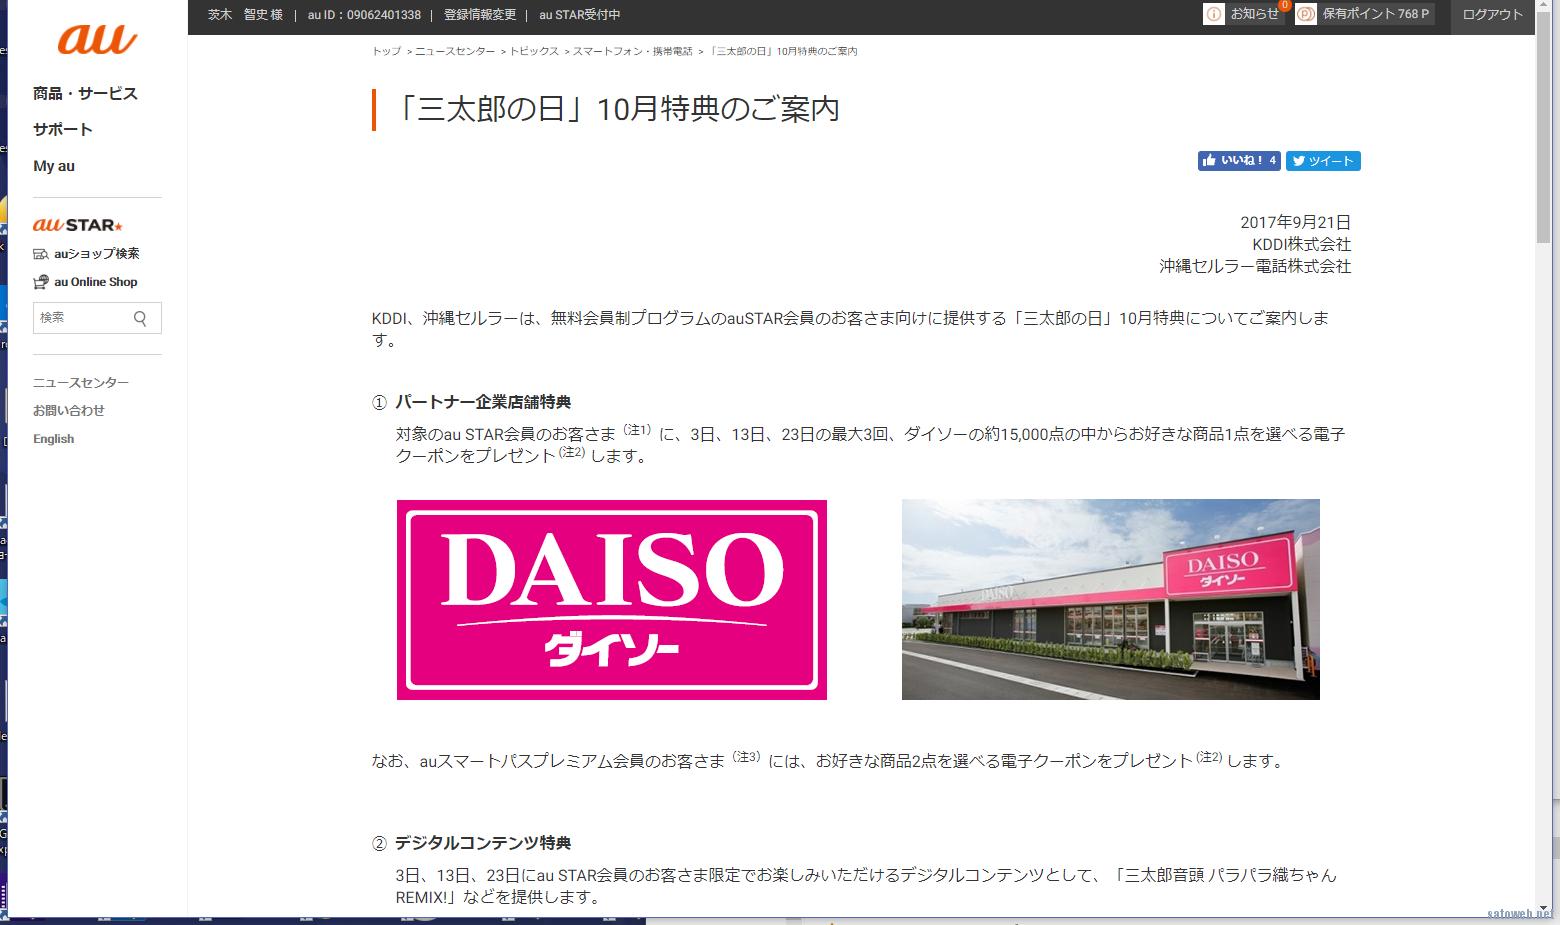 【au】「三太郎の日」10月特典は 「ダイソーのクーポン」【配給】